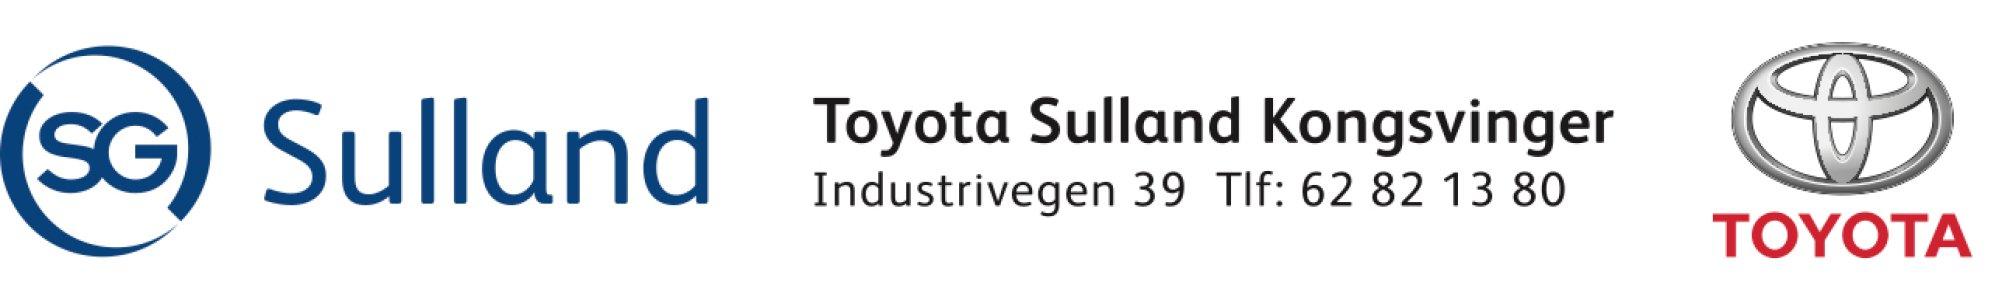 Toyota Sulland Kongsvinger